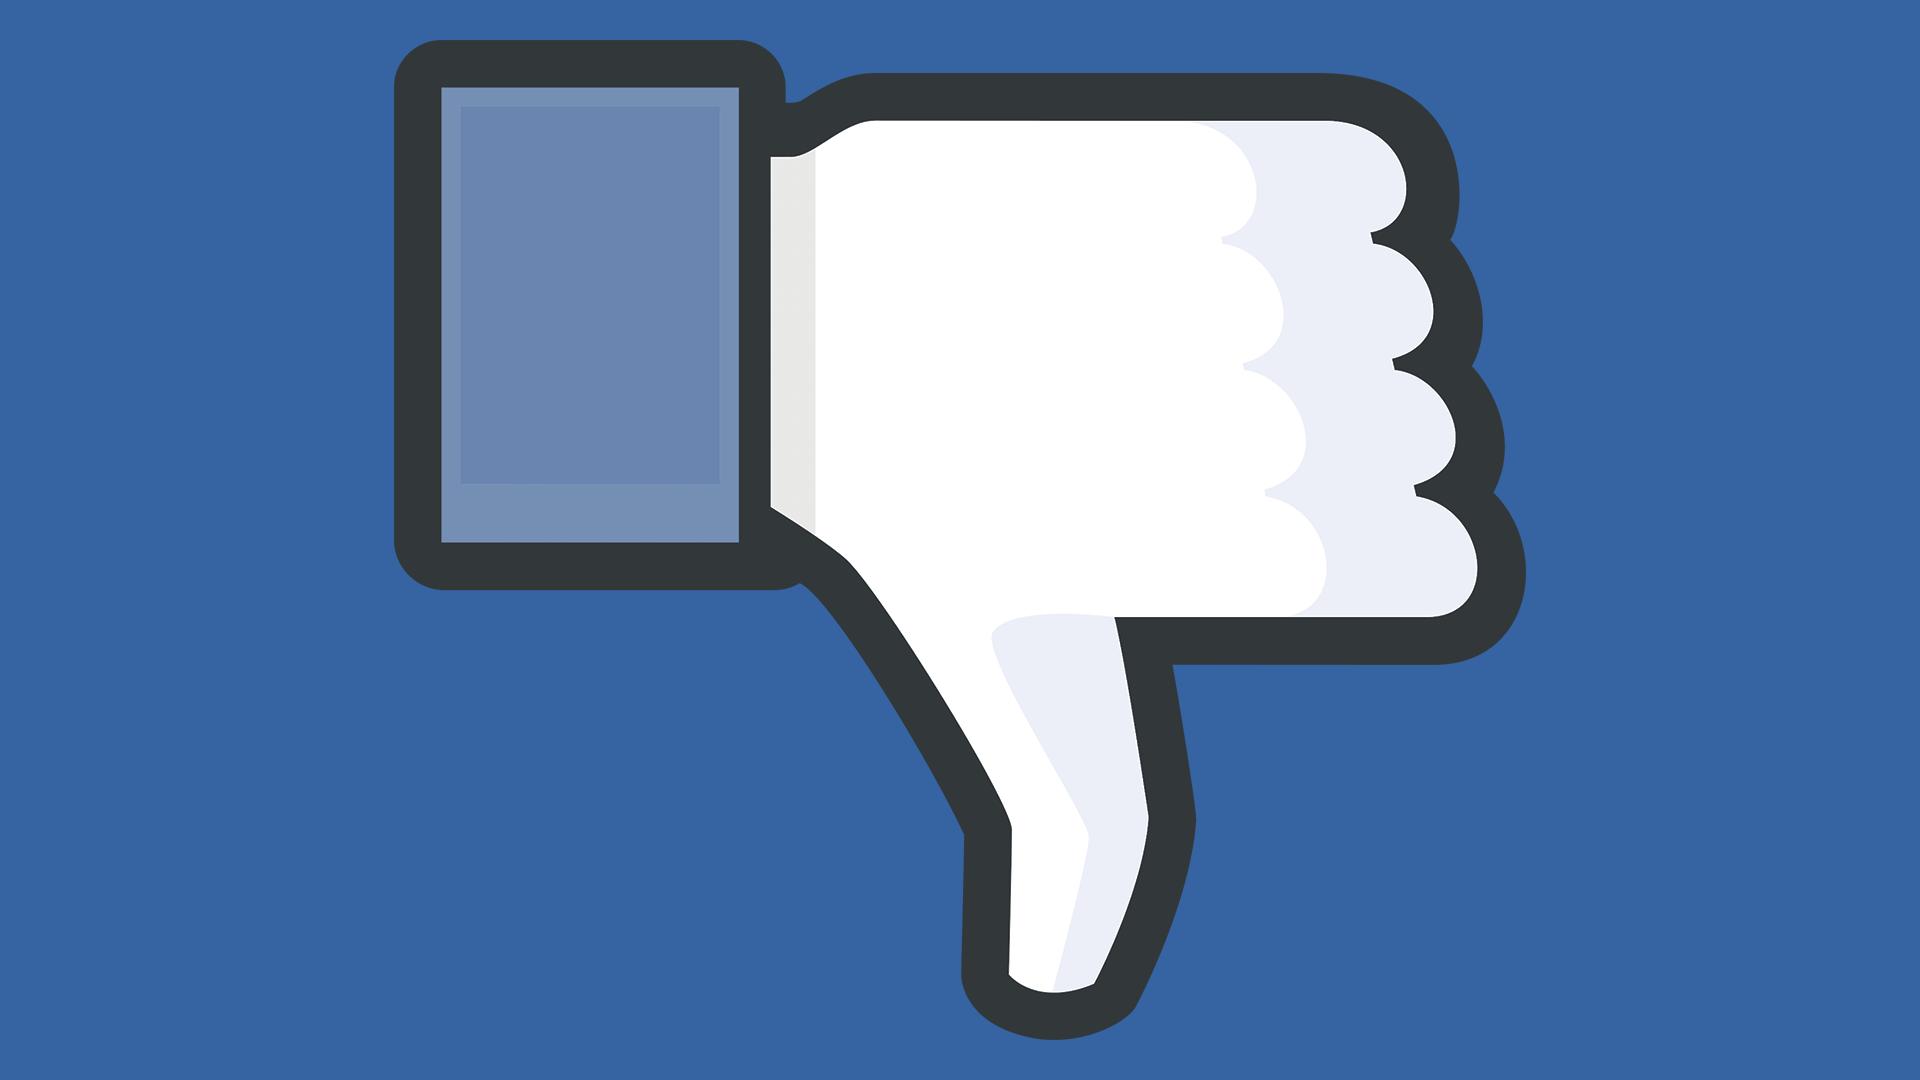 Más problemas con Facebook... para variar